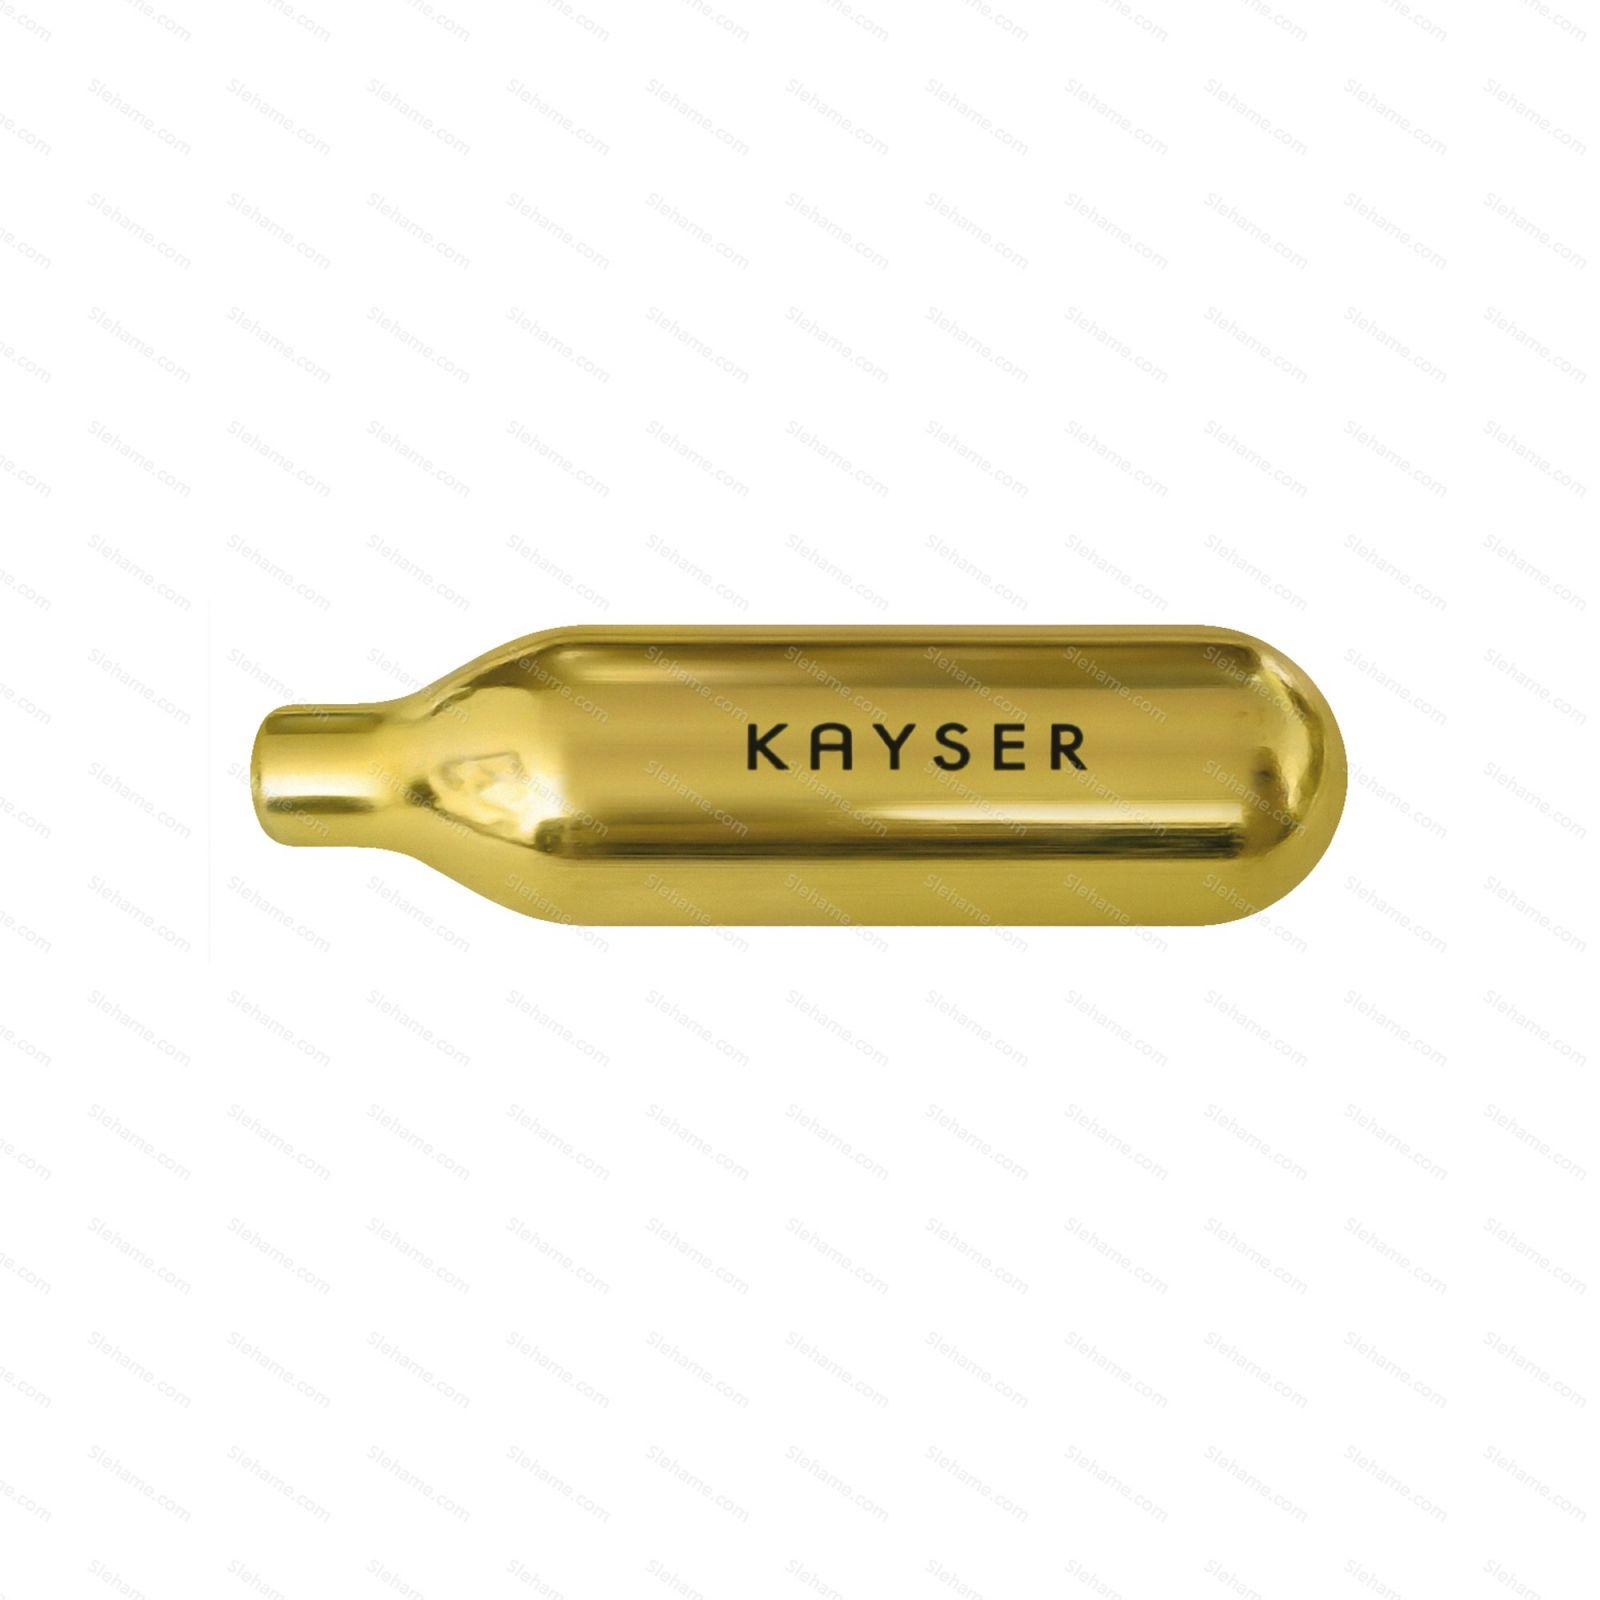 Sifonová bombička Kayser 7.5 g CO2